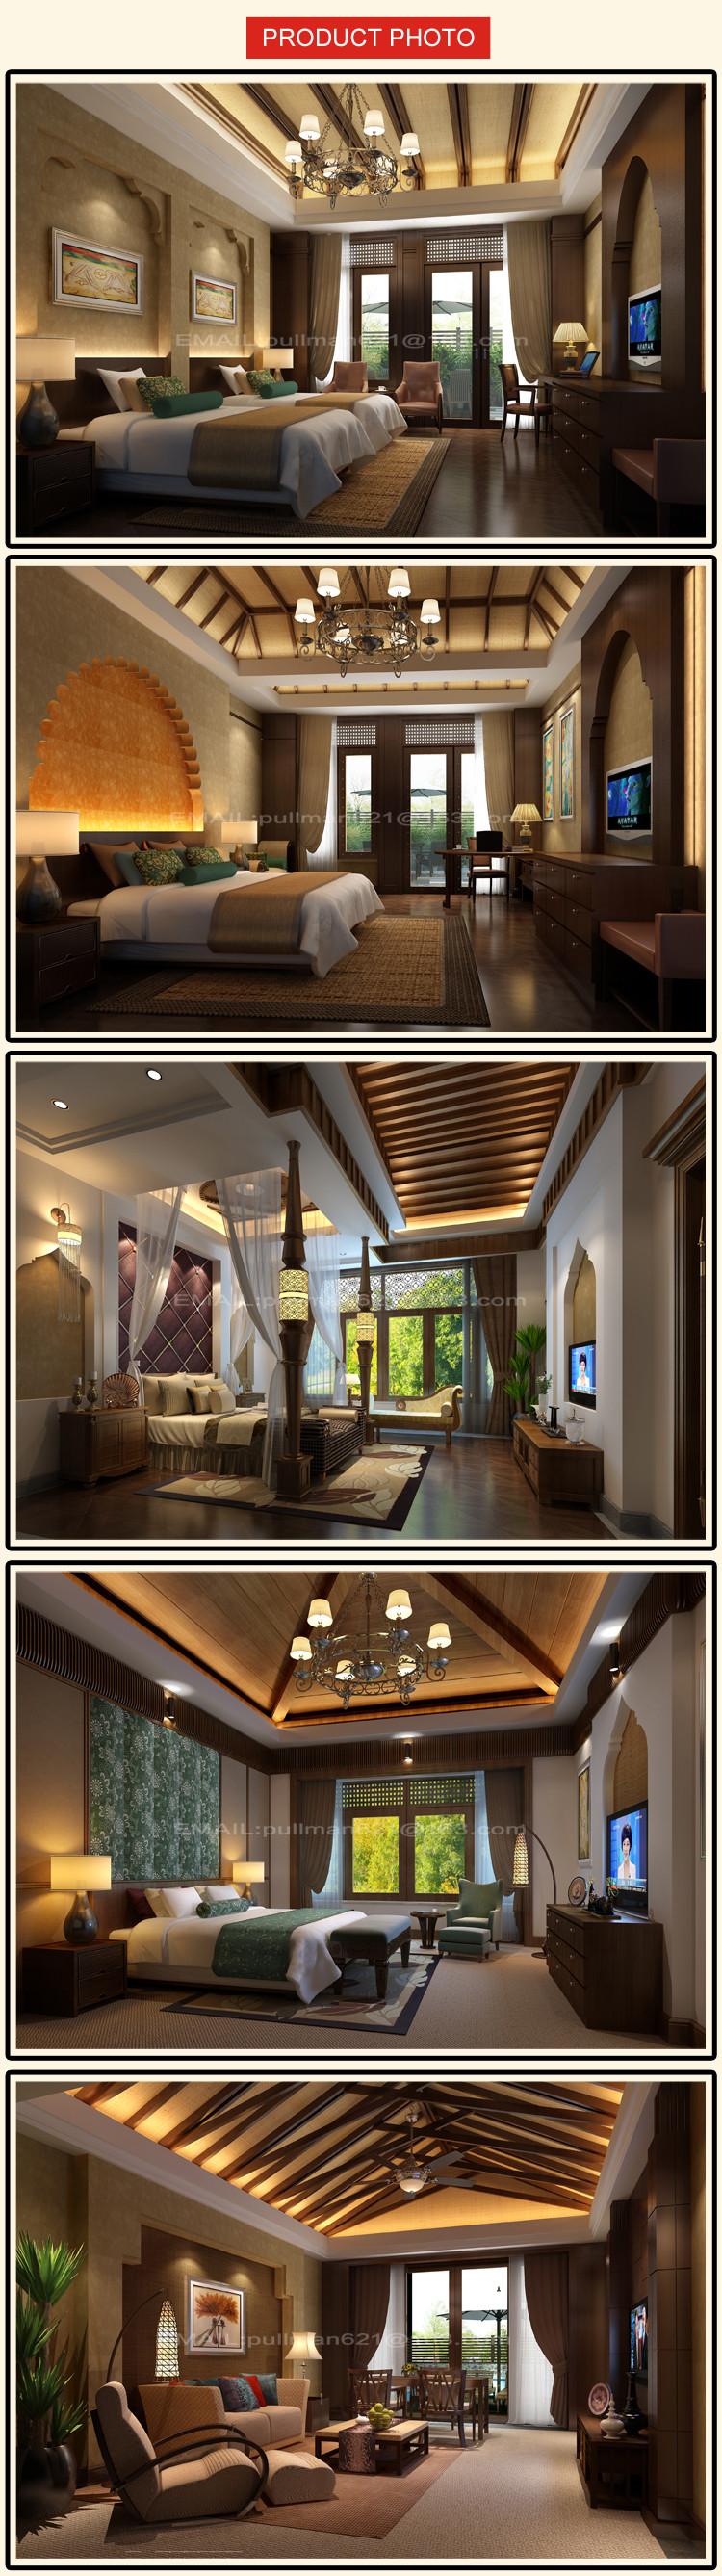 Lujo Cl Sico Muebles De Dormitorio Muebles Del Hotel Venta  # Muebles Hoteles Venta